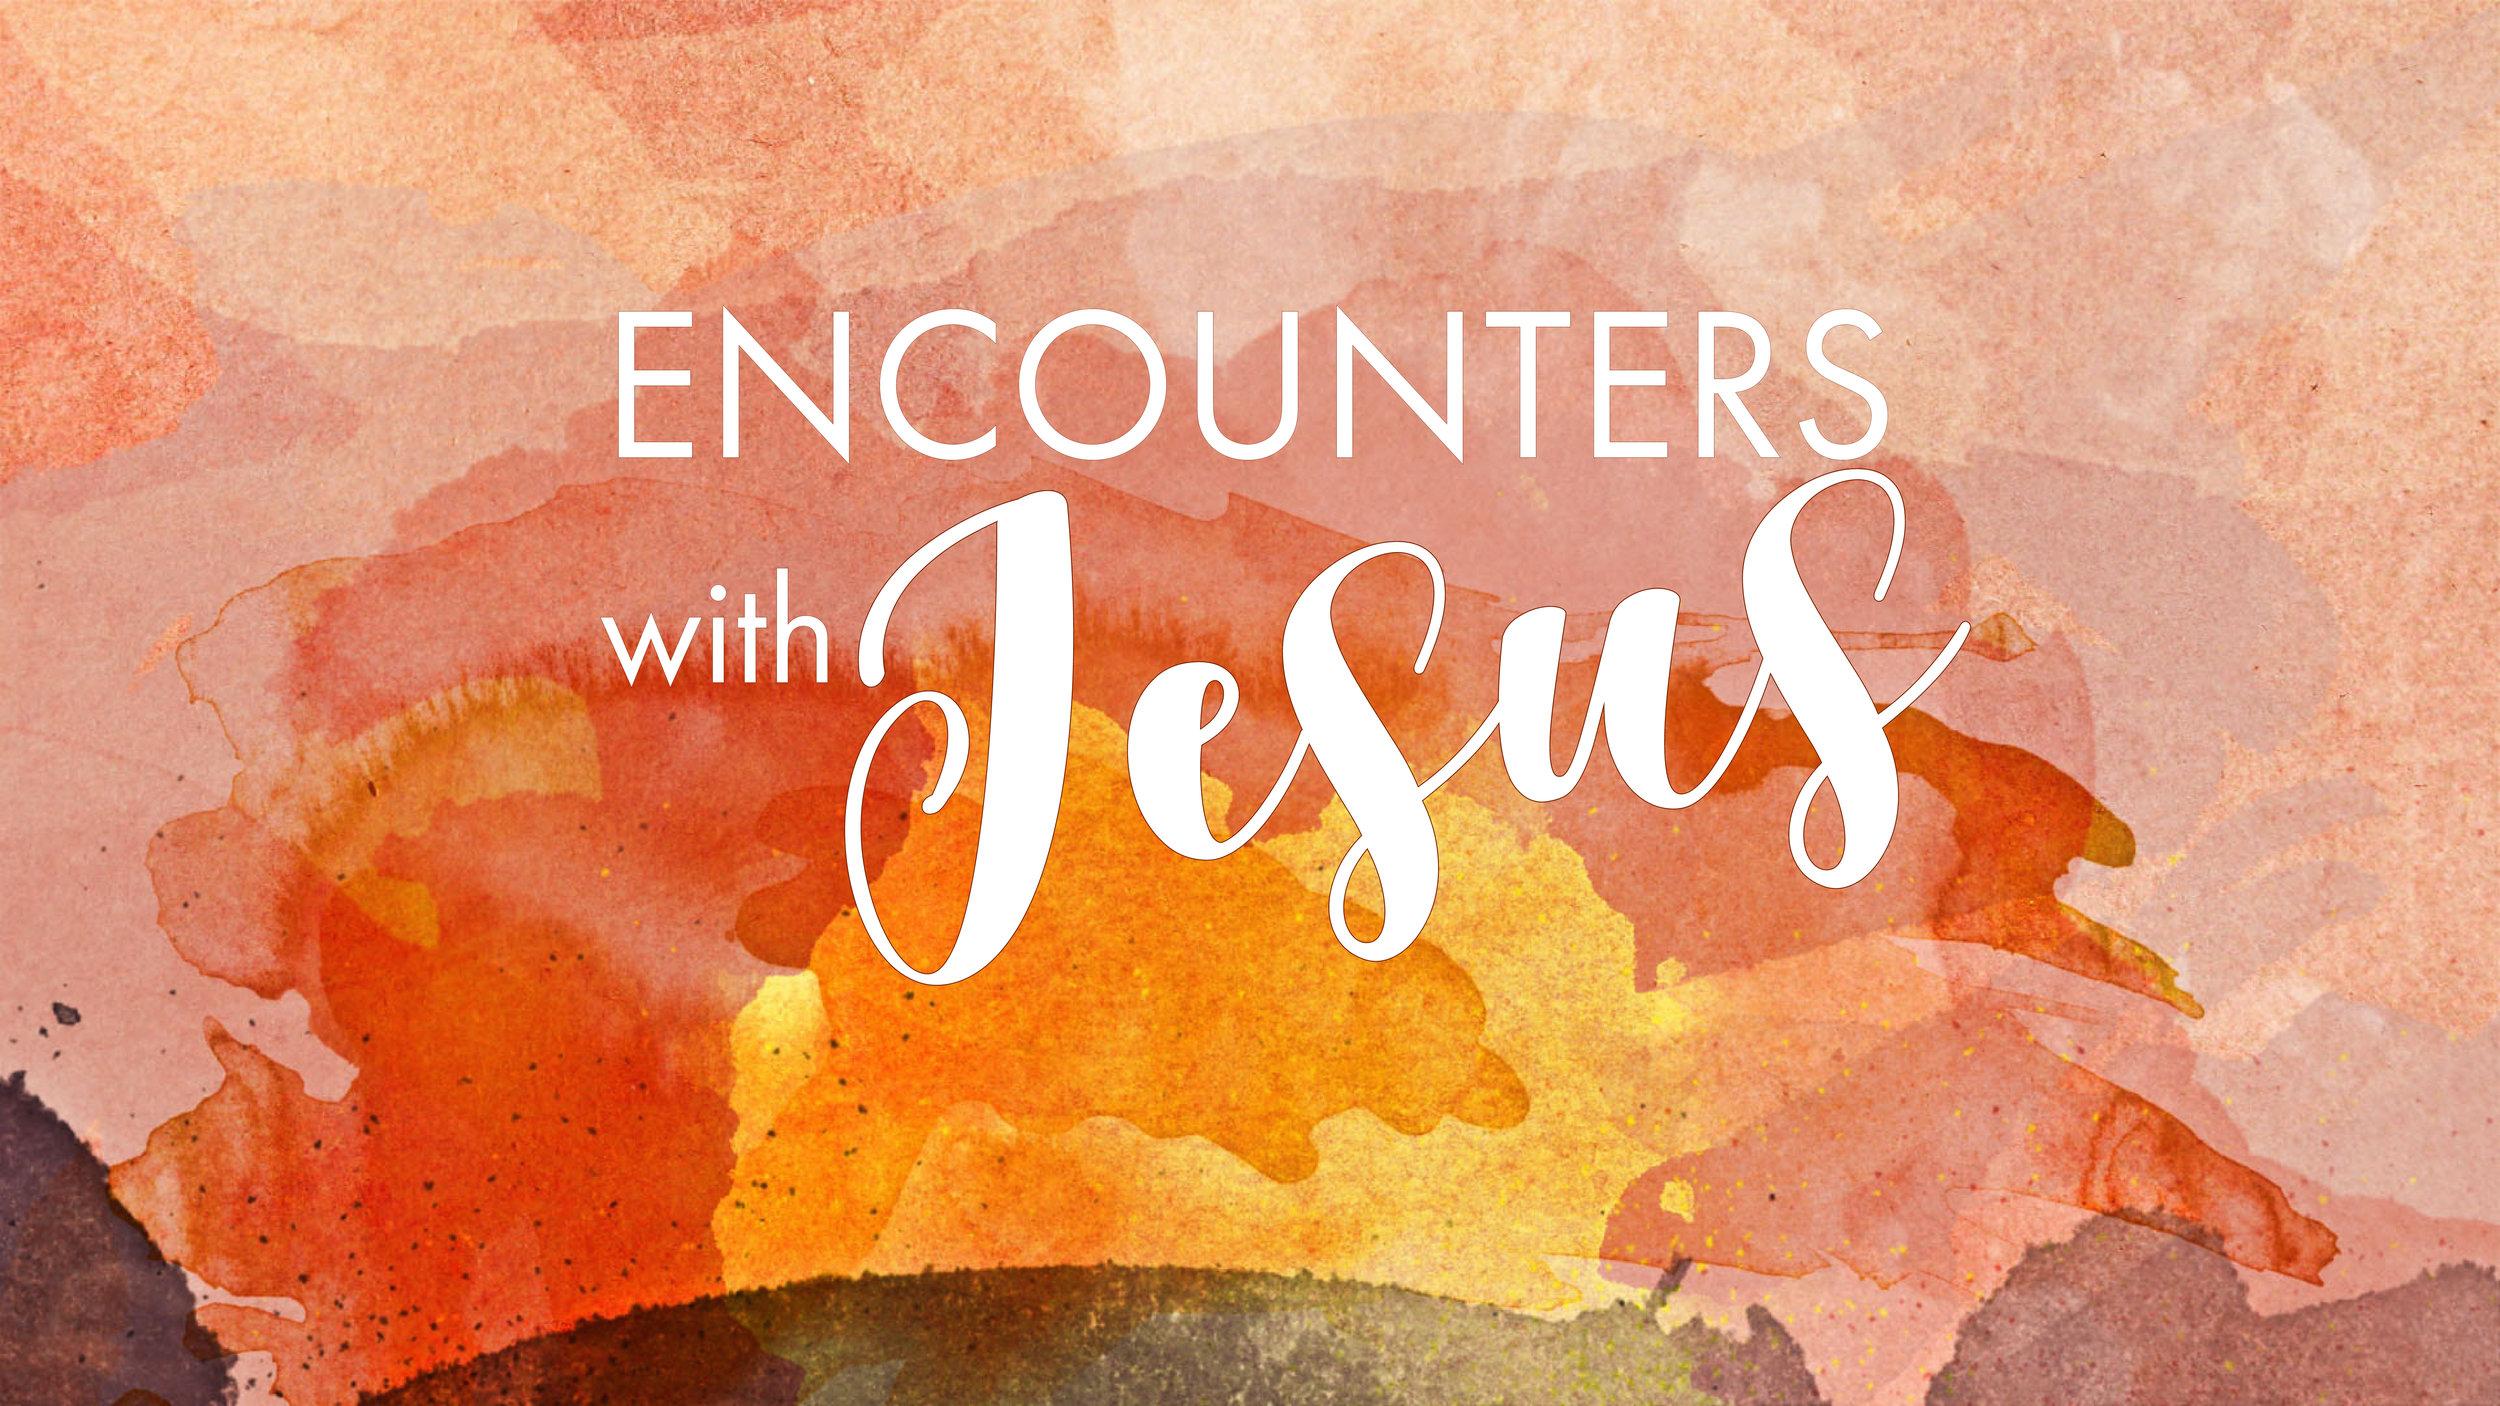 encounters with Jesus slide.jpg